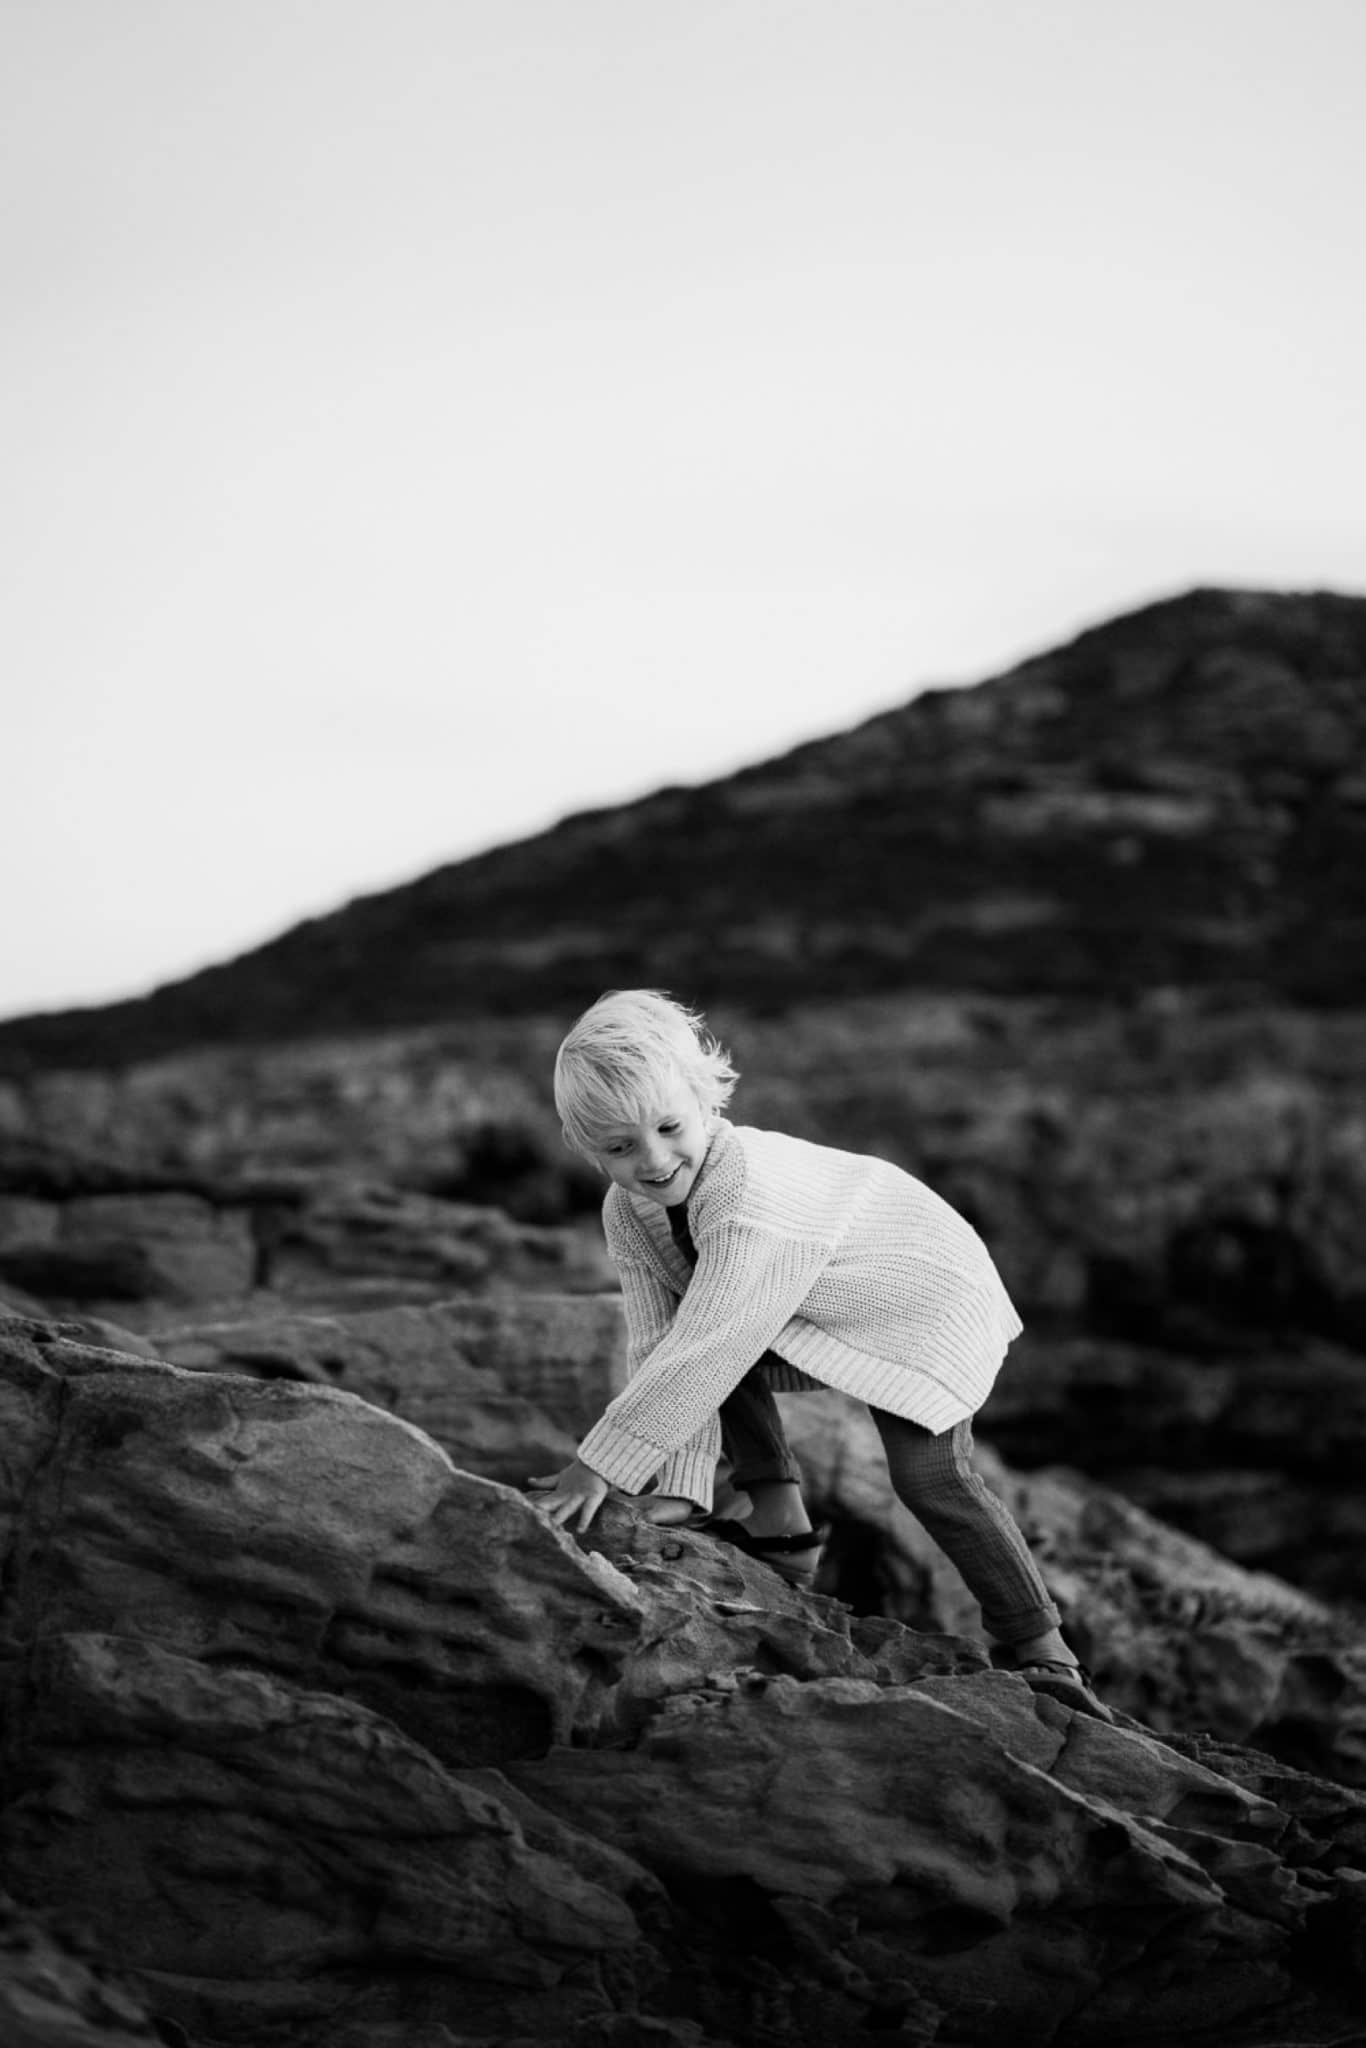 bambino Stintino fotografo